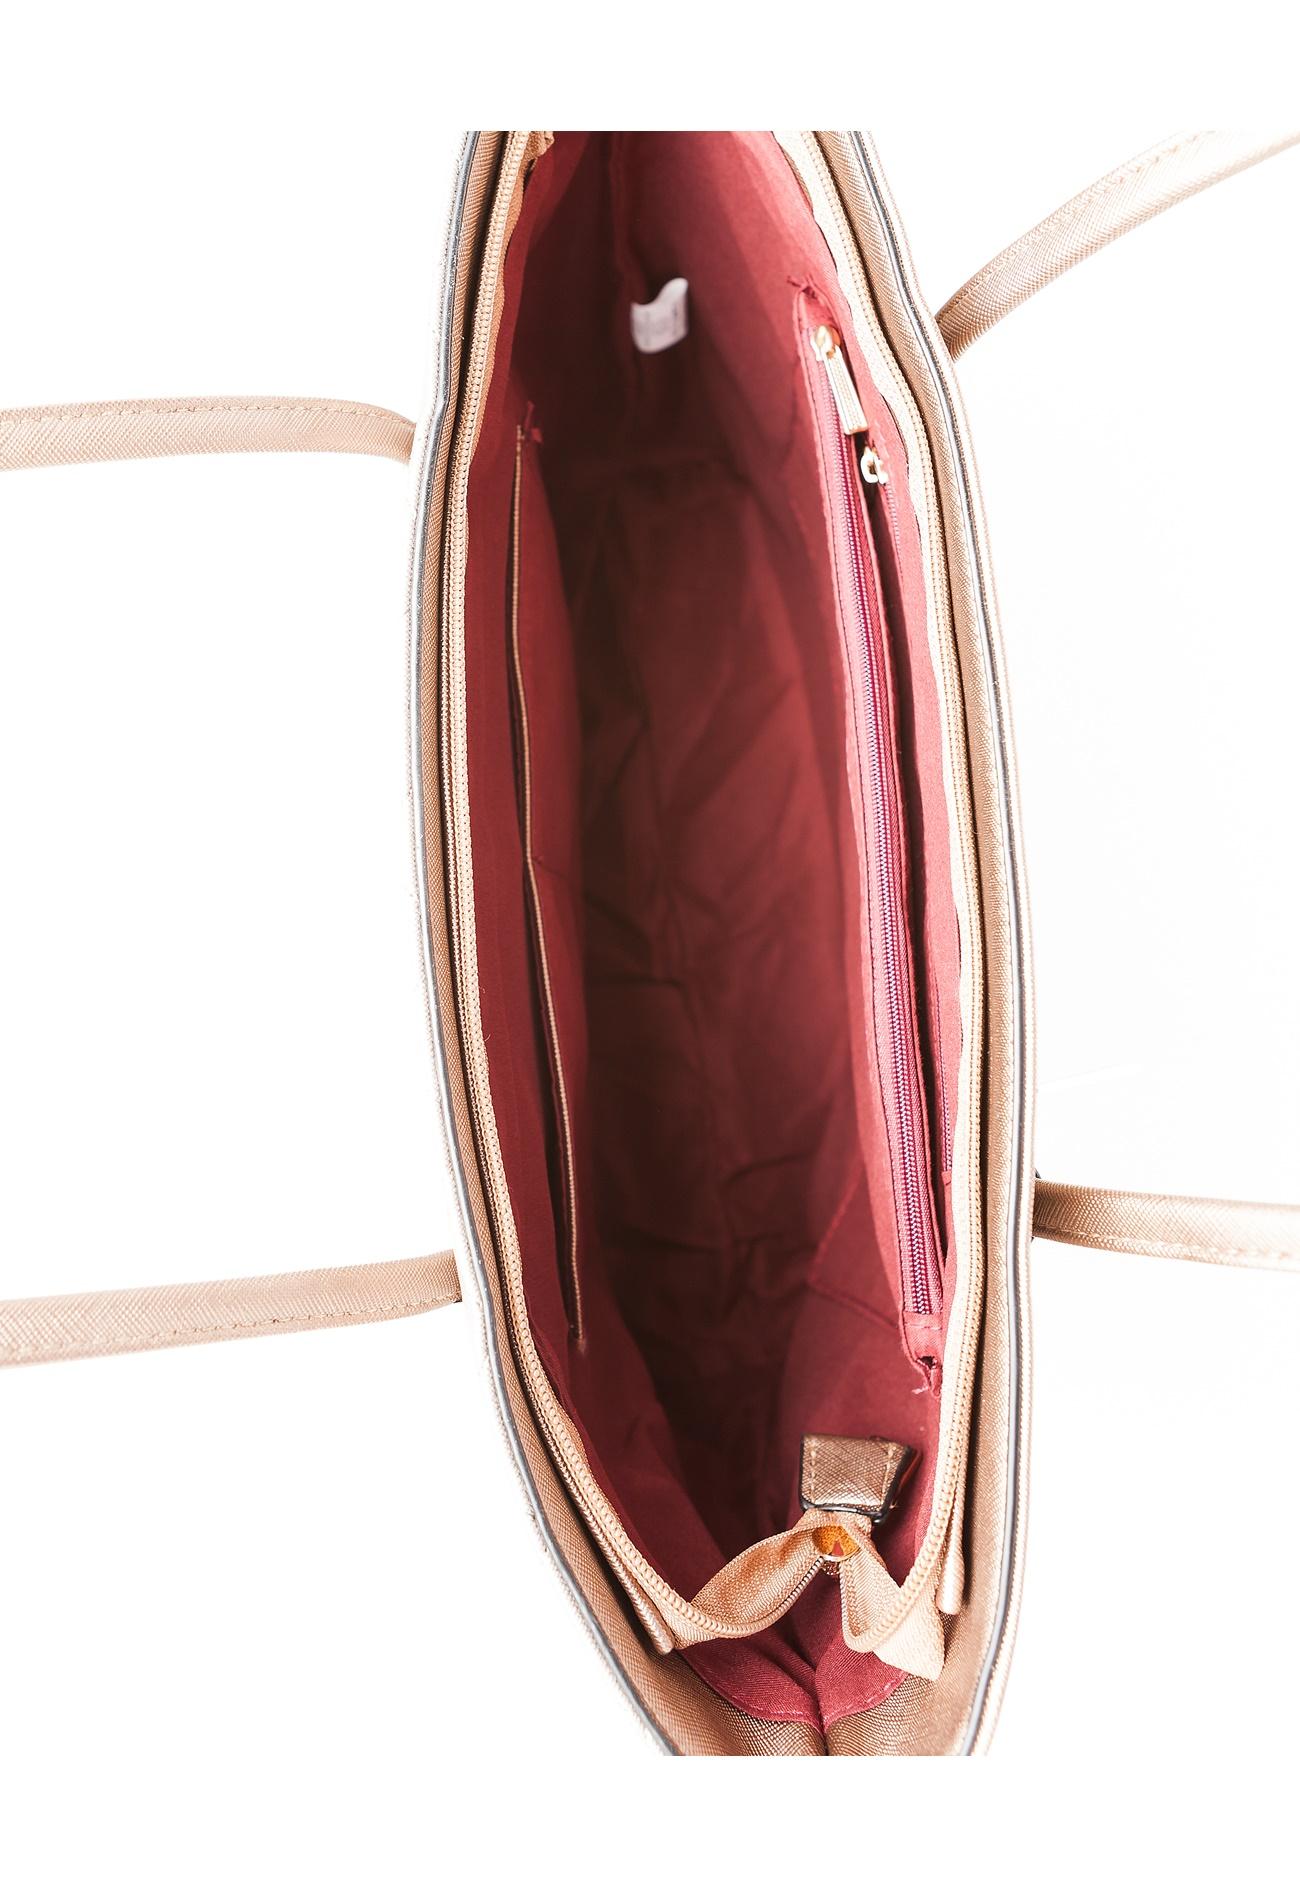 Handbagage Två Väskor : Have tv? handv?skor naima beige bubbleroom